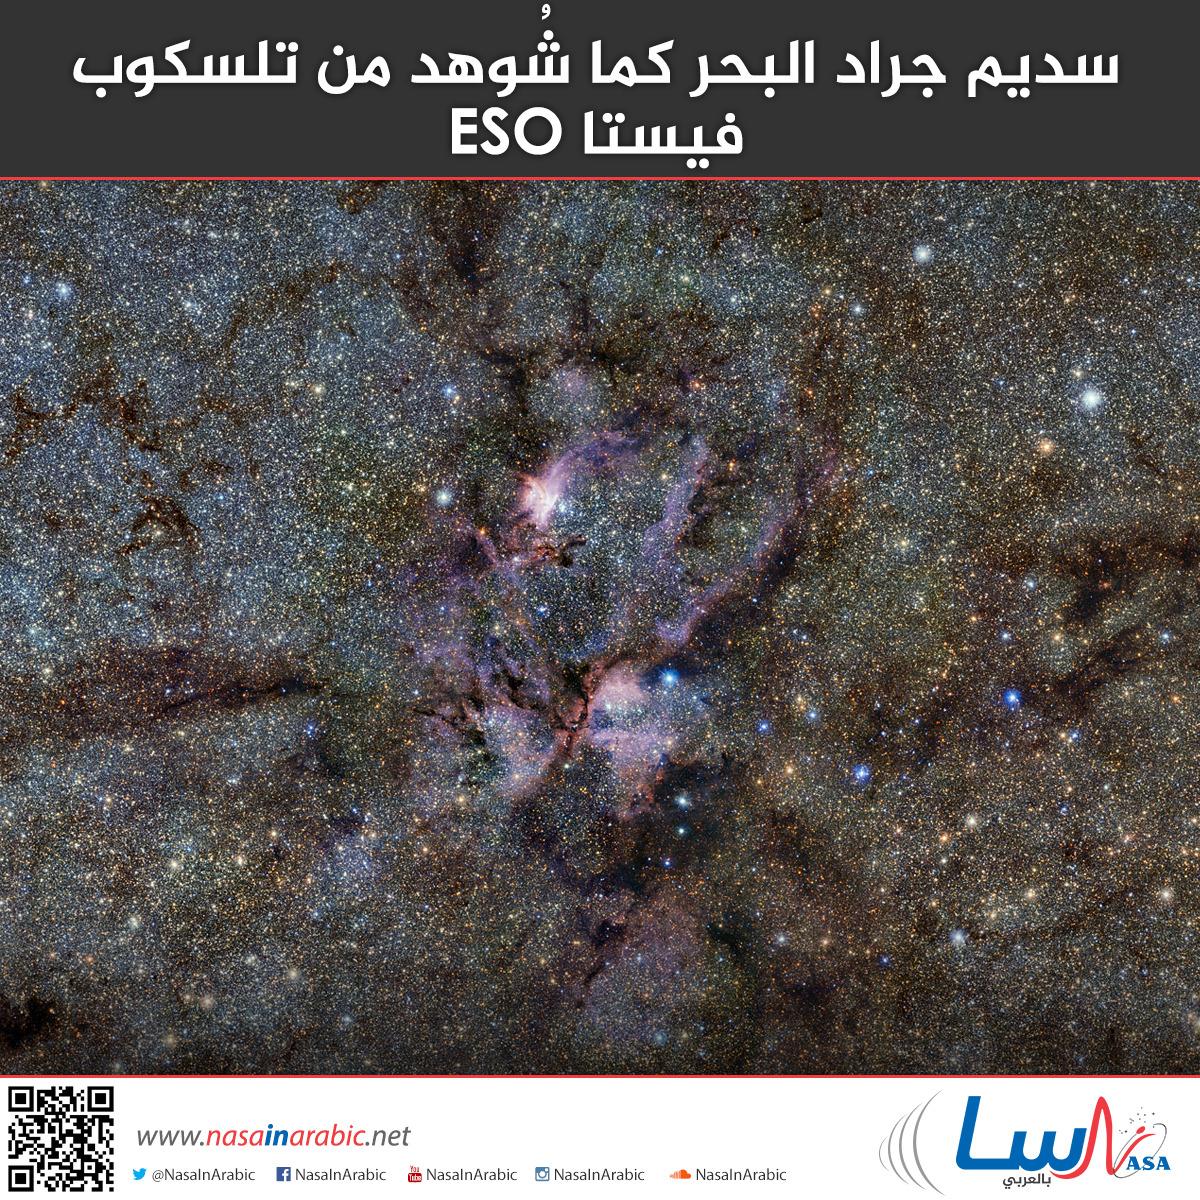 سديم جراد البحر كما شُوهد من تلسكوب فيستا ESO